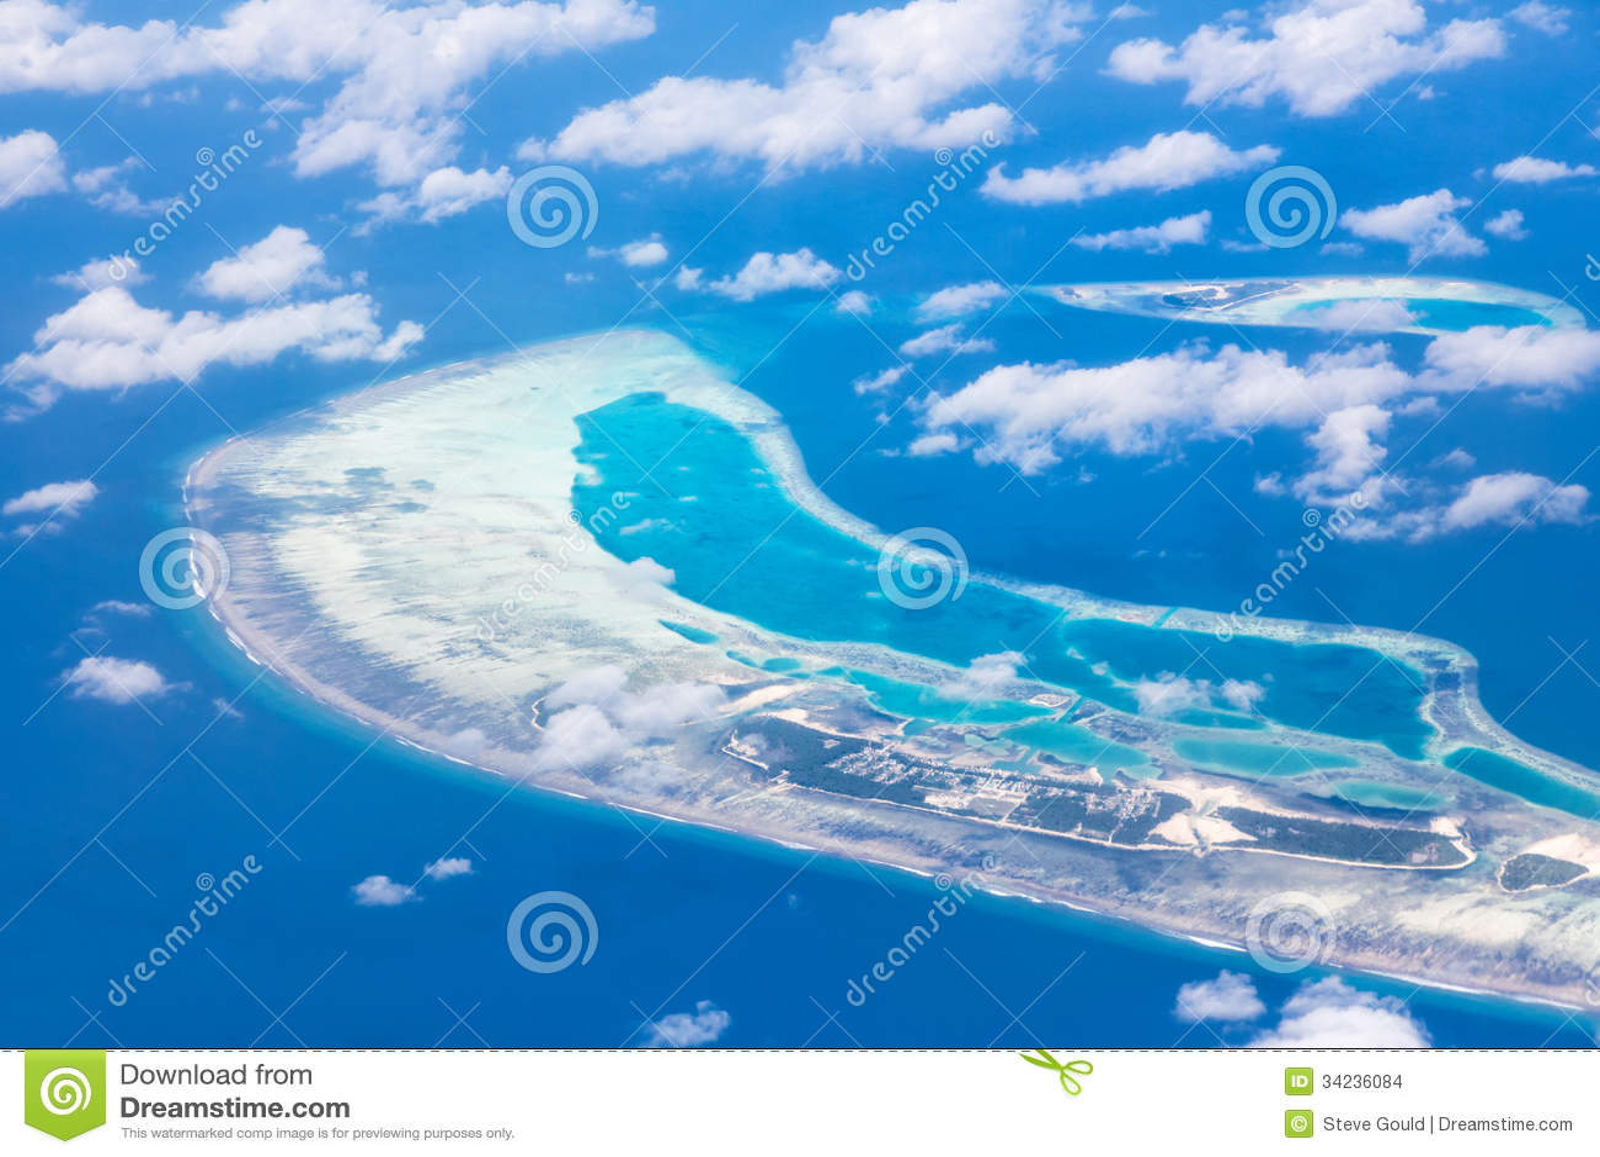 鸟瞰图-珊瑚环礁,马尔代夫